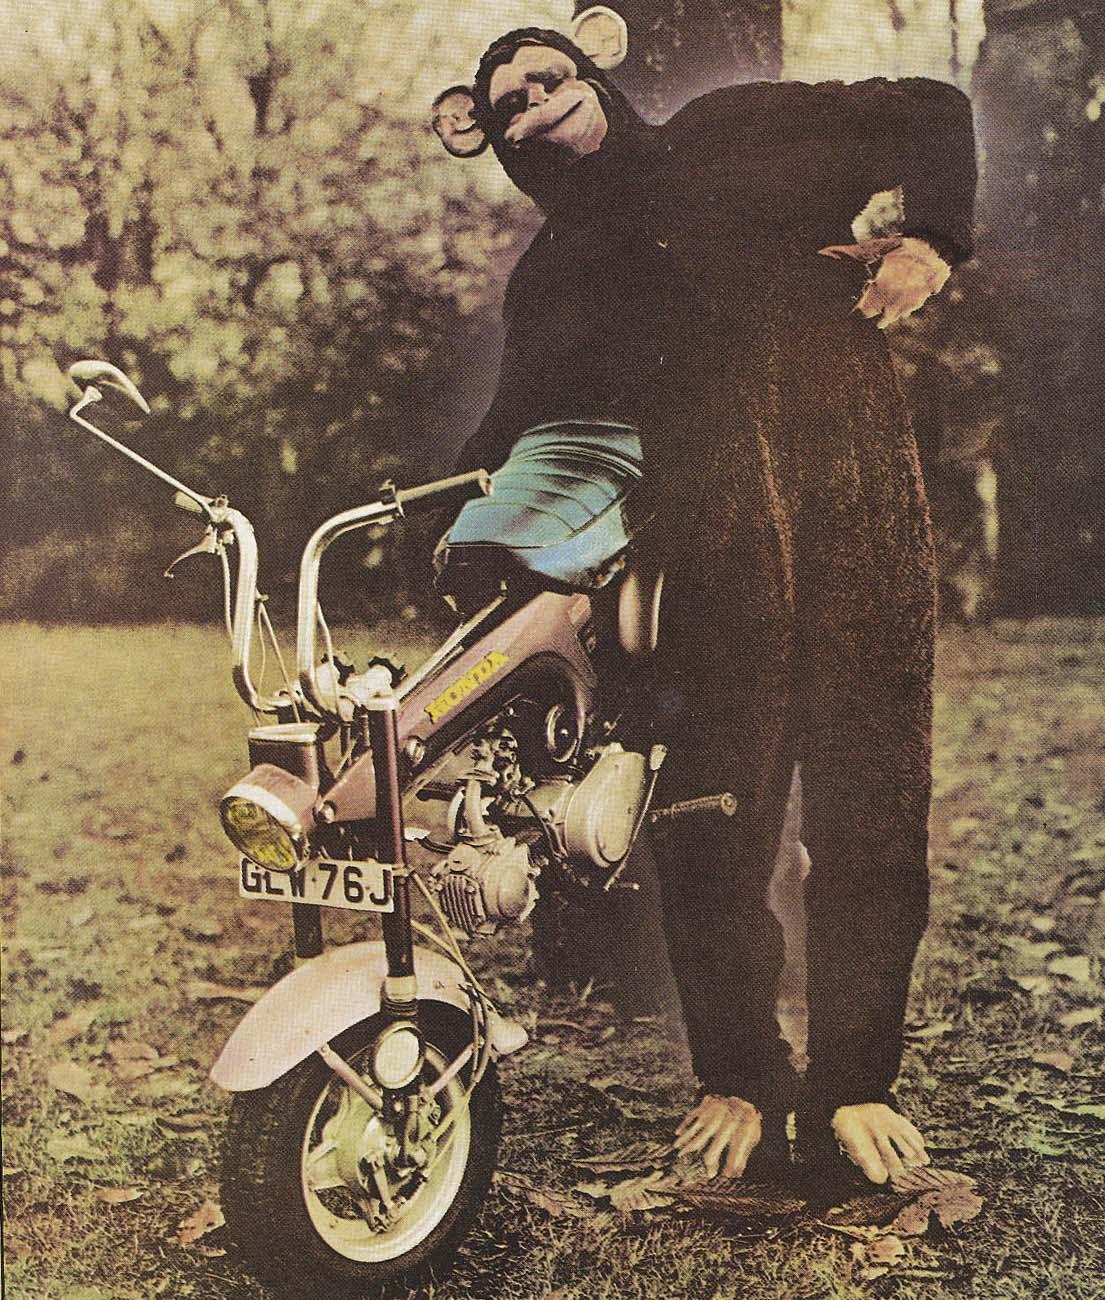 Monkeybike-1 (1 of 1)